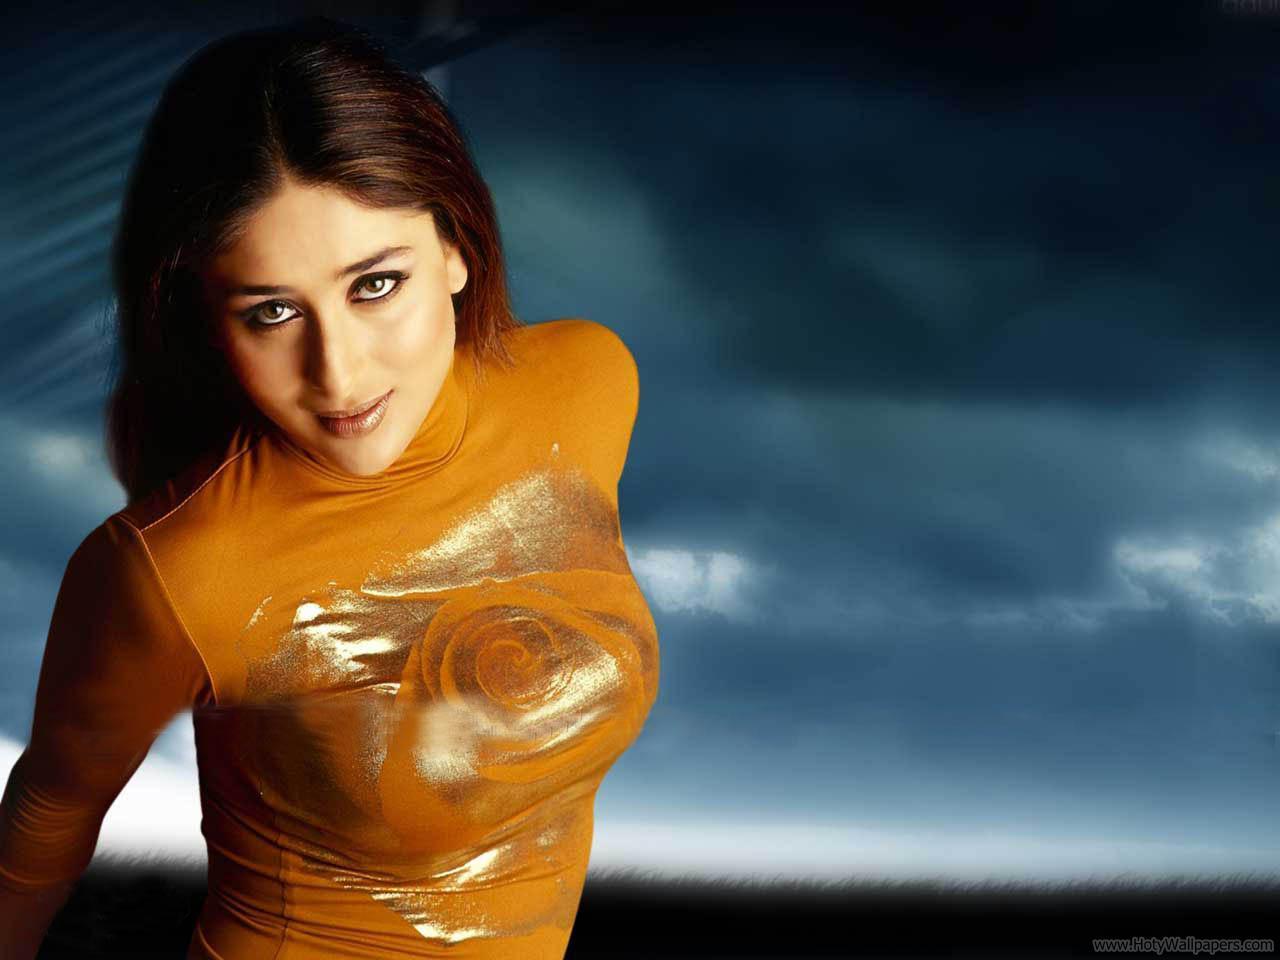 http://2.bp.blogspot.com/-63lnUxy276o/TwsAfn2ecxI/AAAAAAAADbY/Upfp7NytMGc/s1600/Spicy_Kareena_Kapoor_Agent_Vinod_Wallpaper.jpg